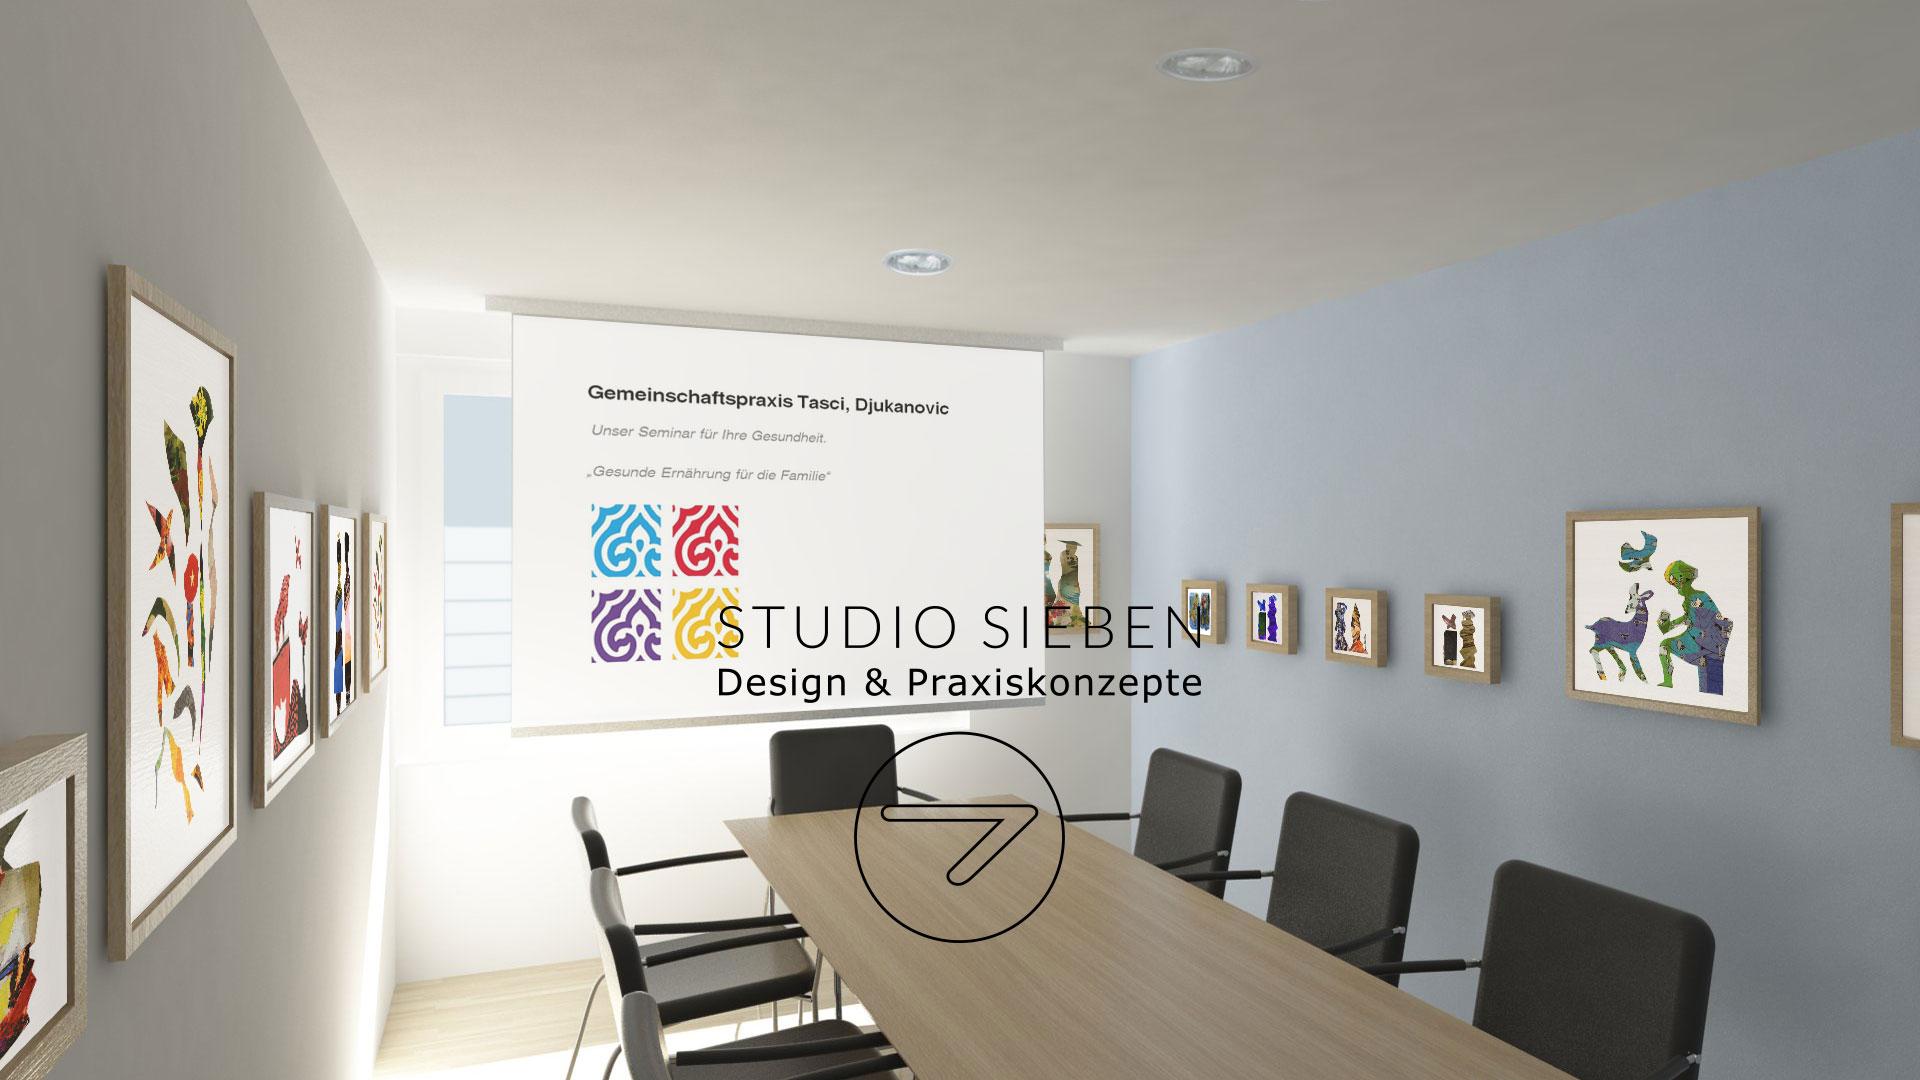 praxis-haz-duisburg-praxiskonzepte-studio-7-hamburg